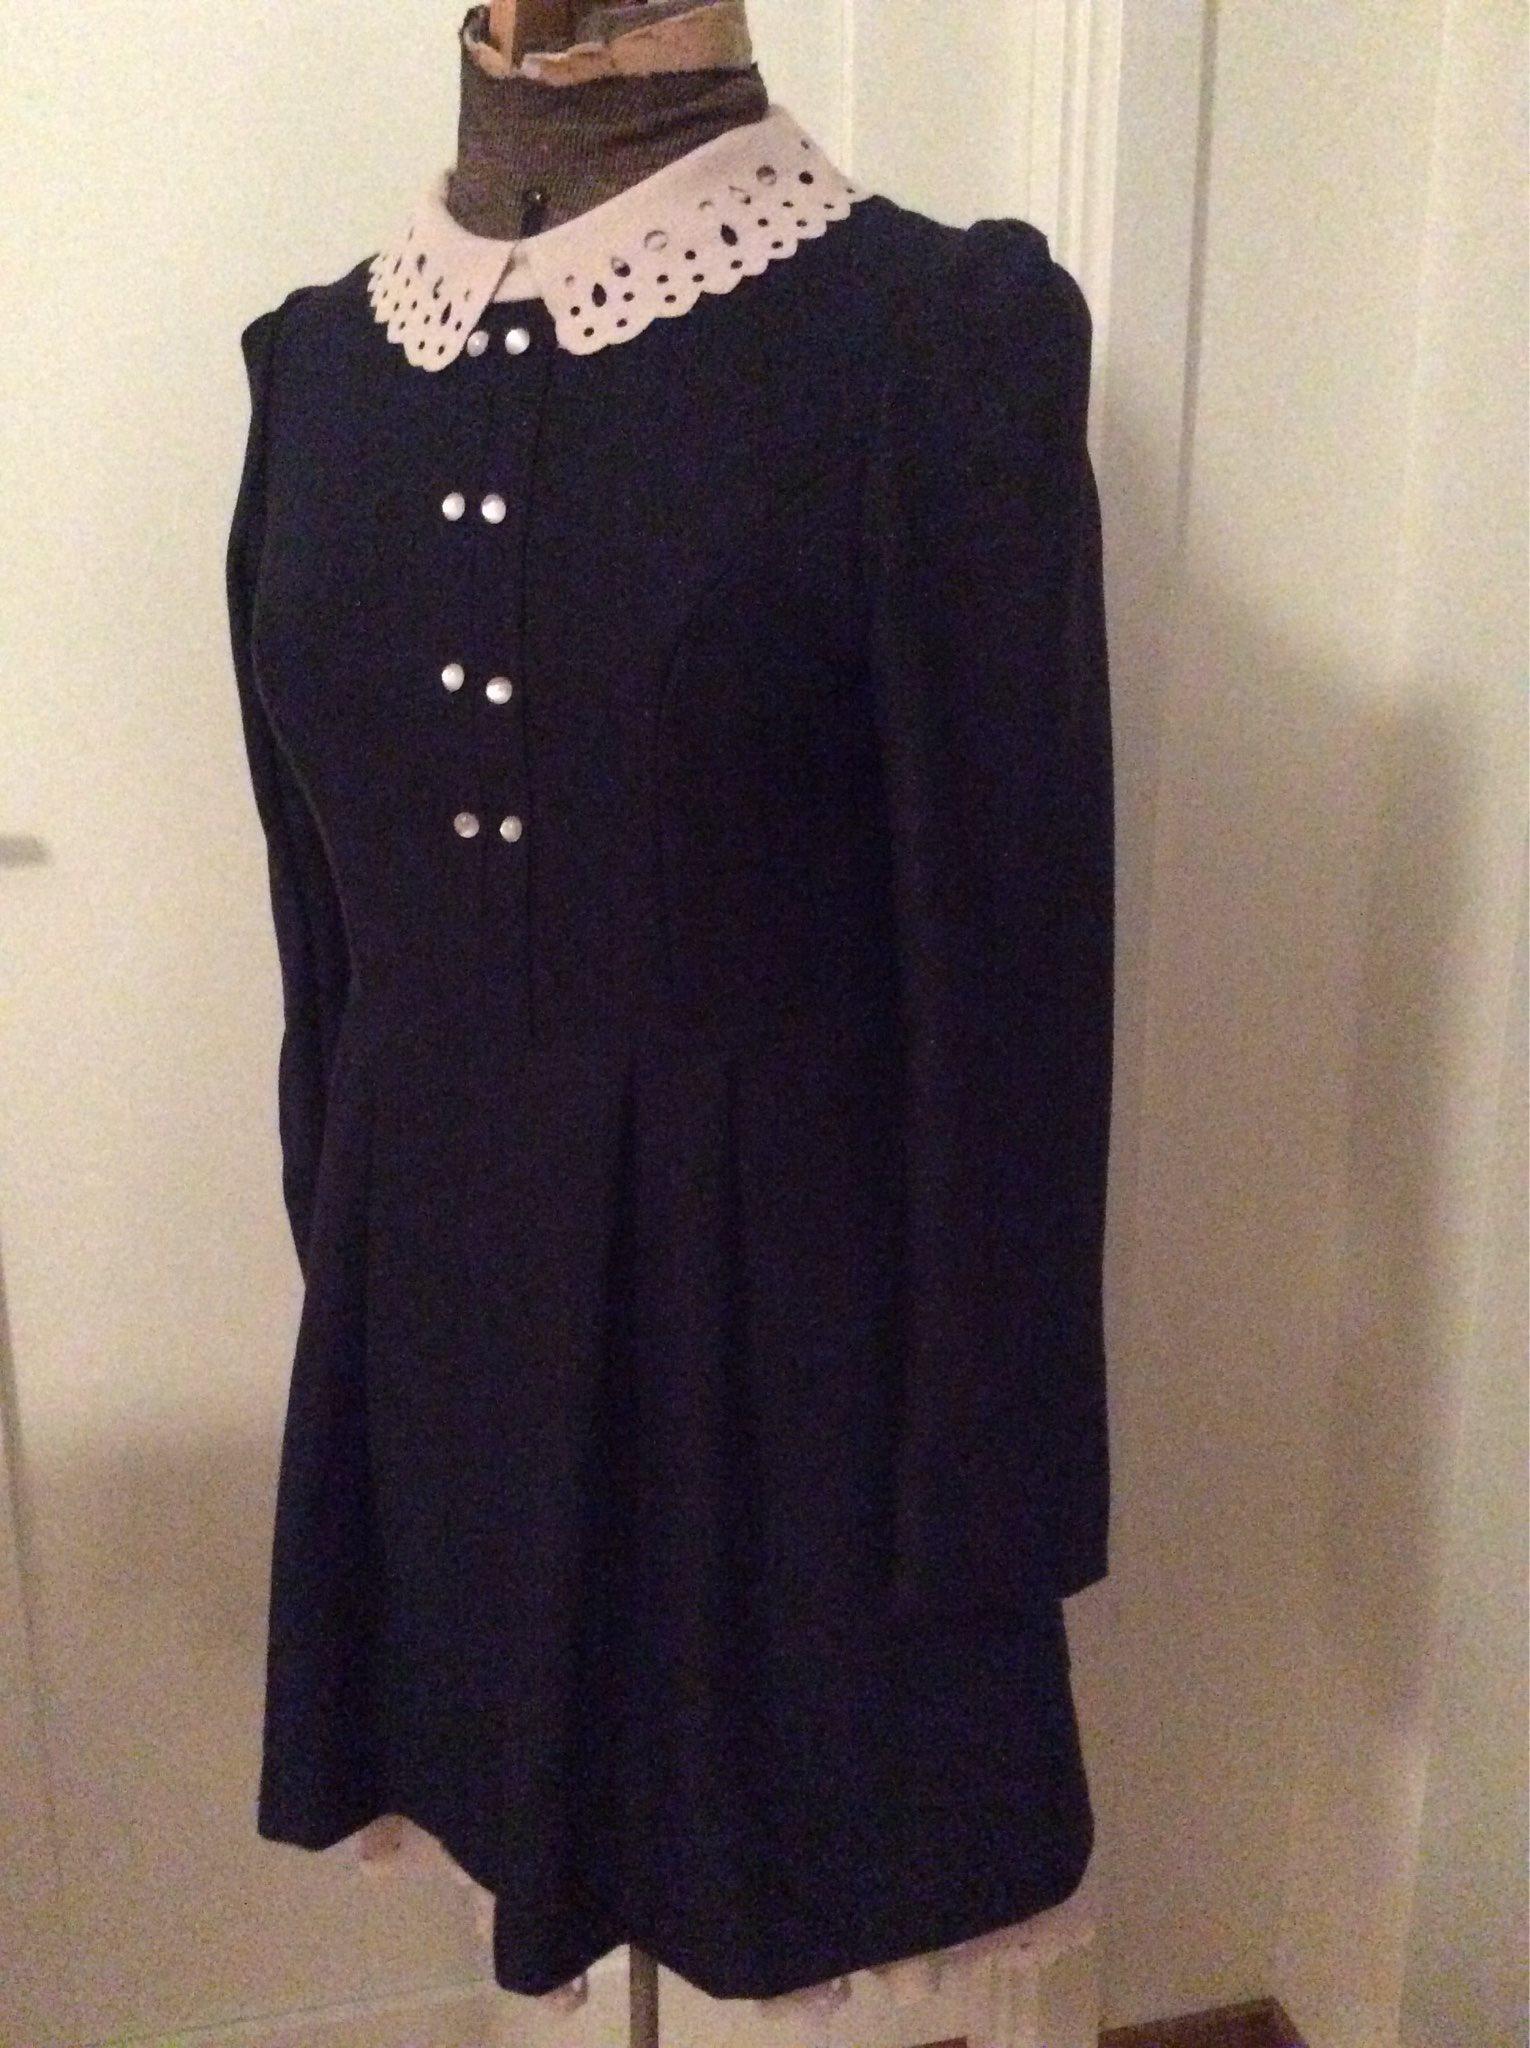 Underbar Vintage klänning 60 tal med Peter Pan .. (336212671) ᐈ Köp ... cc604e5eb18c2